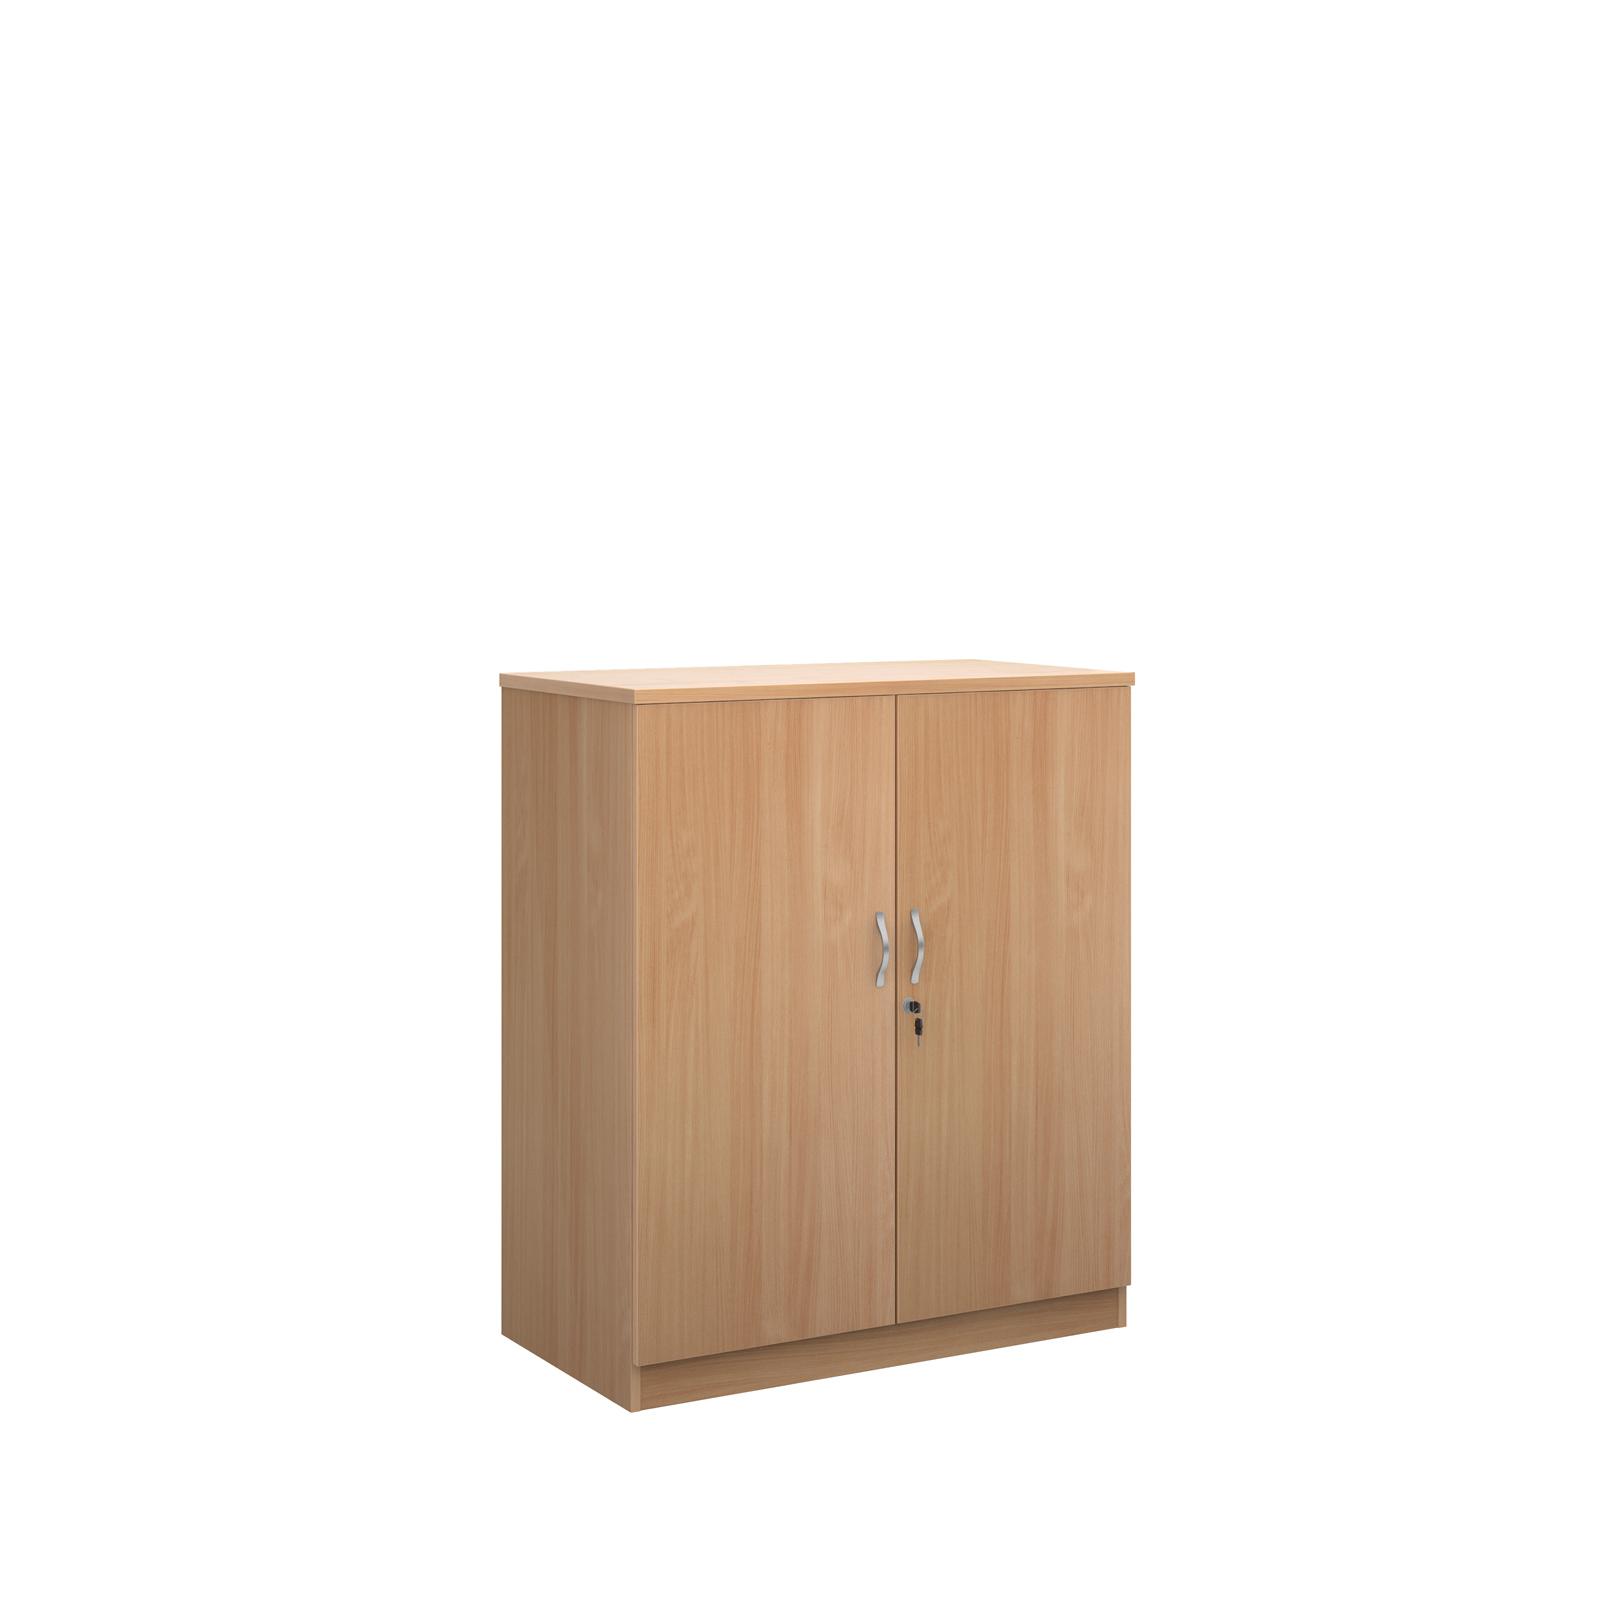 Dams Office Cupboard Deluxe